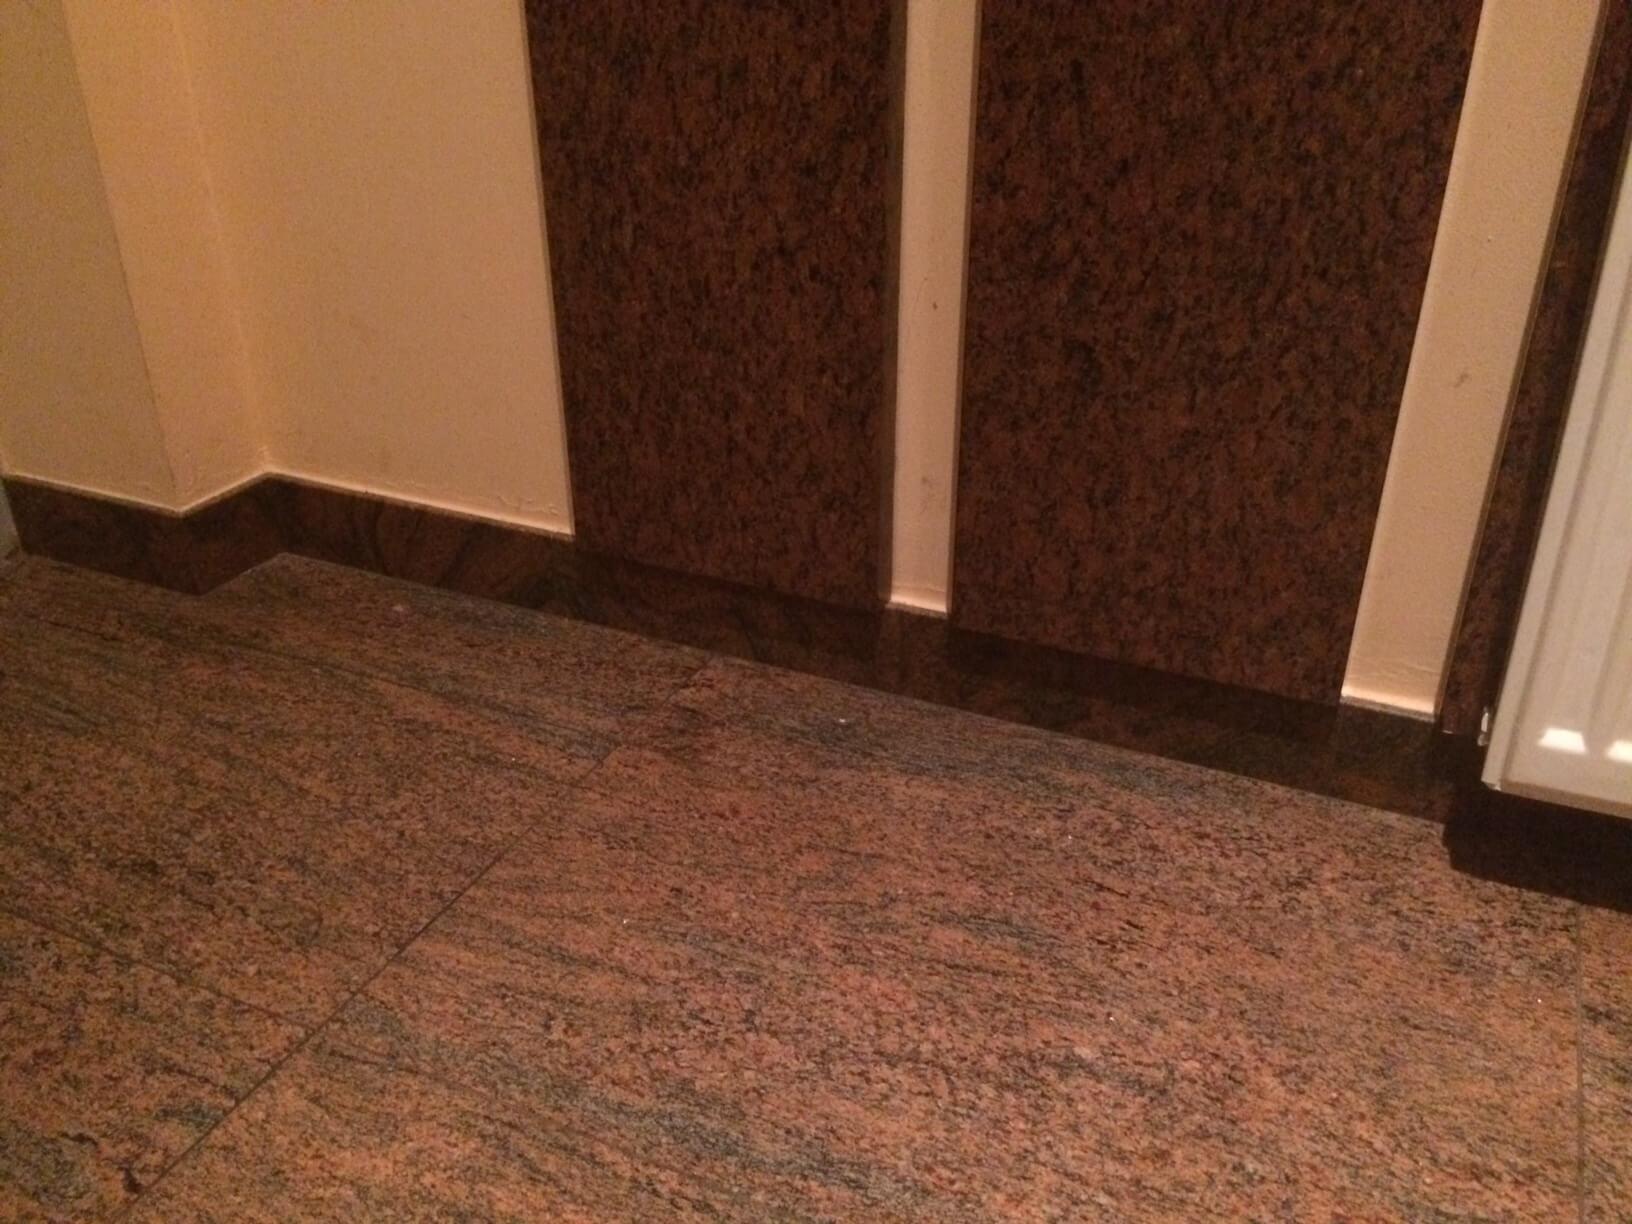 podłoga w mieszkaniu warszawa